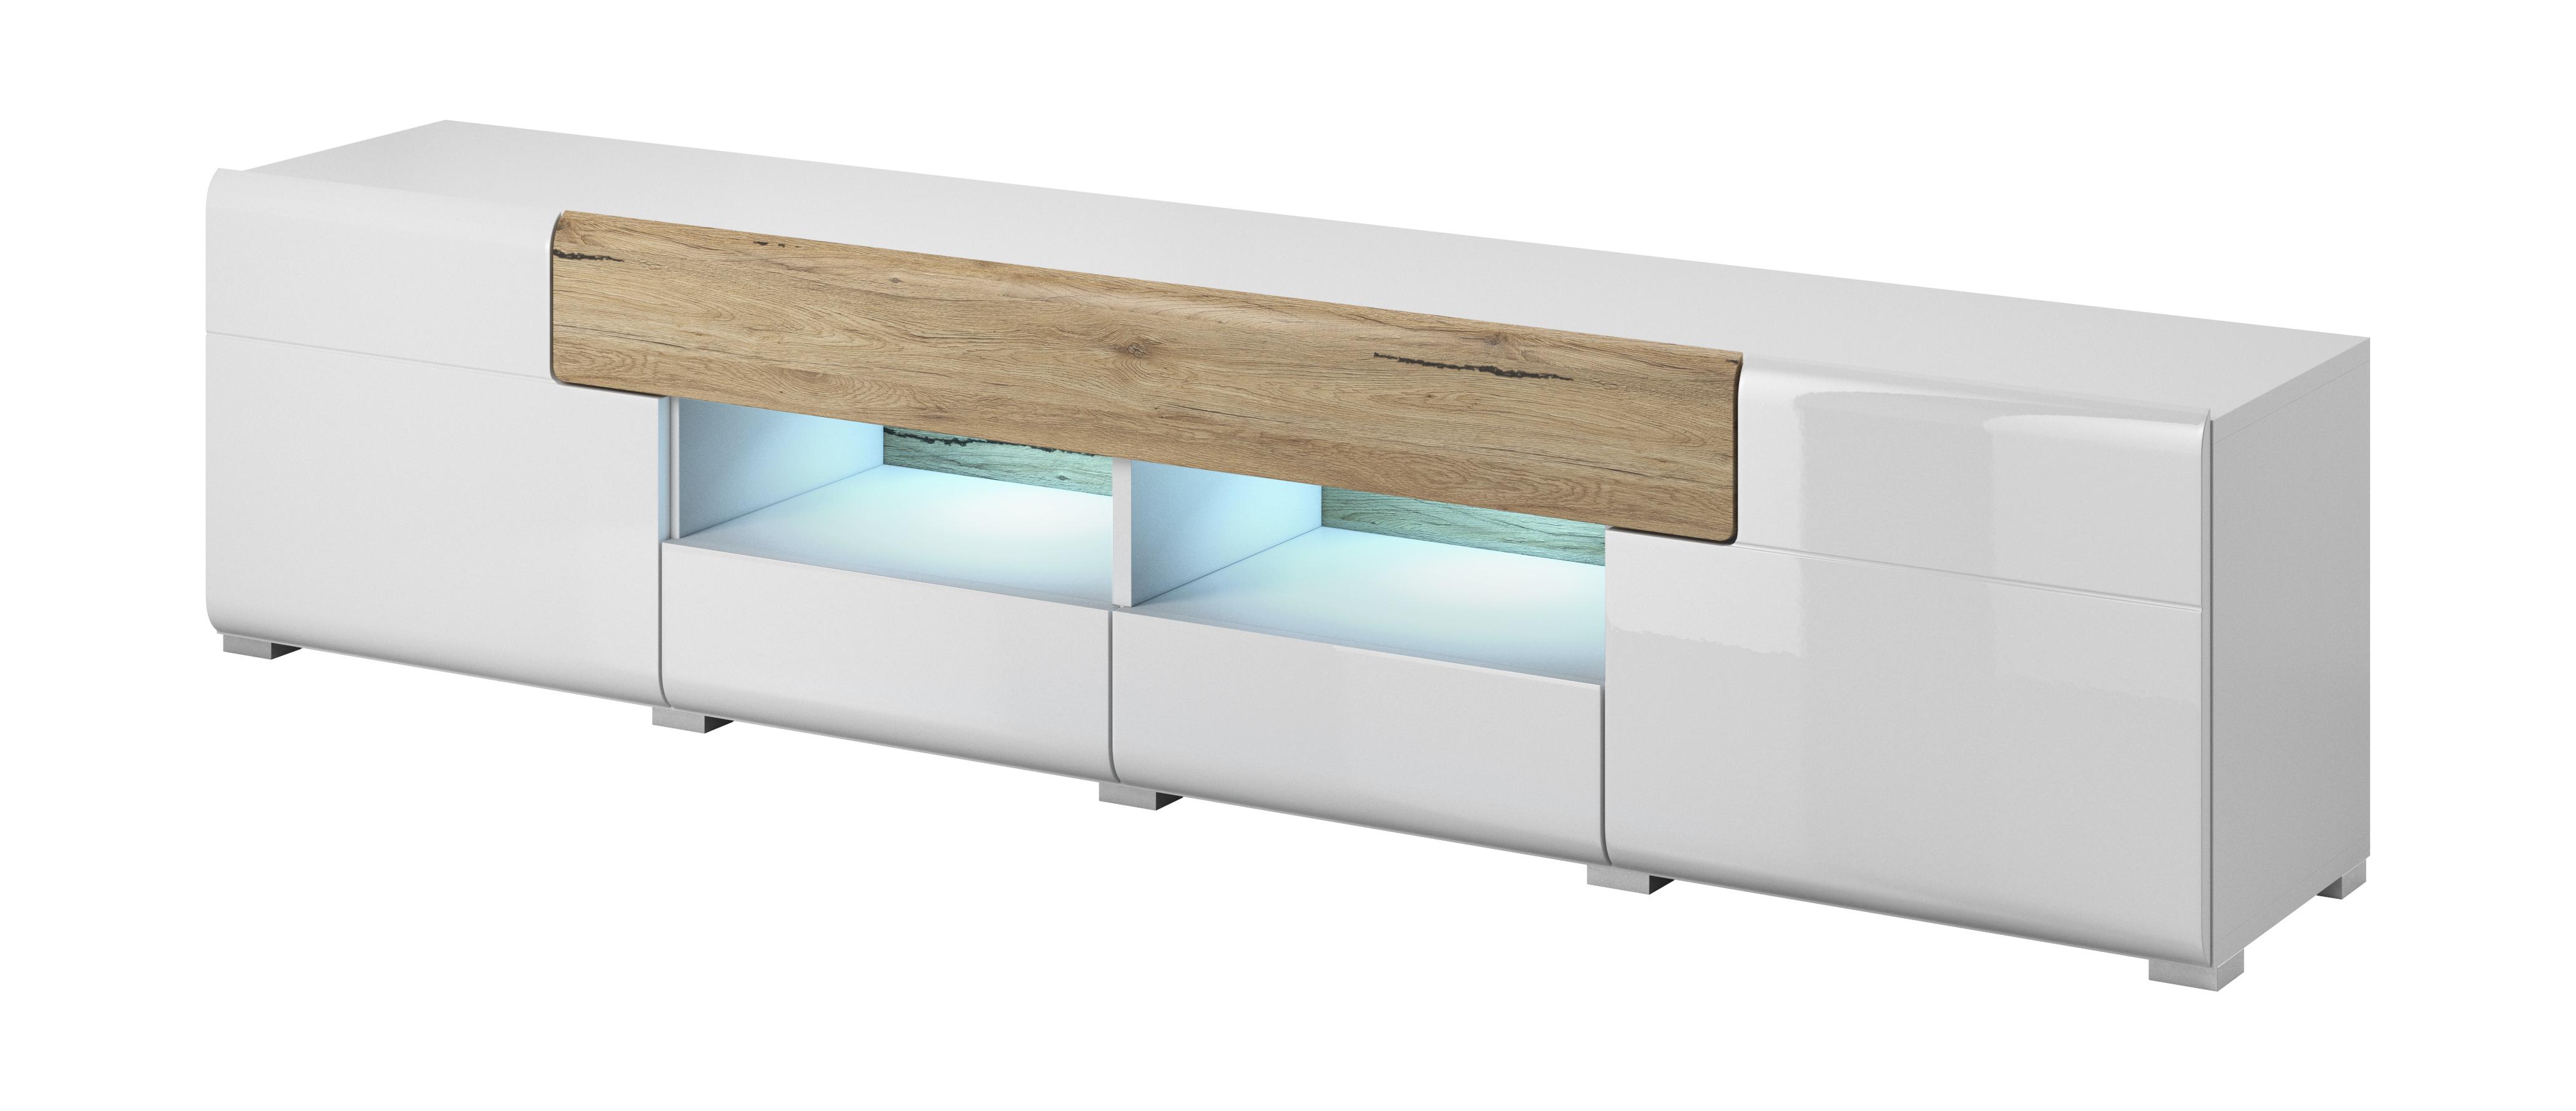 TV stolík/skrinka - Terence - Typ 40. Akcia -41%. Vlastná spoľahlivá doprava až k Vám domov.